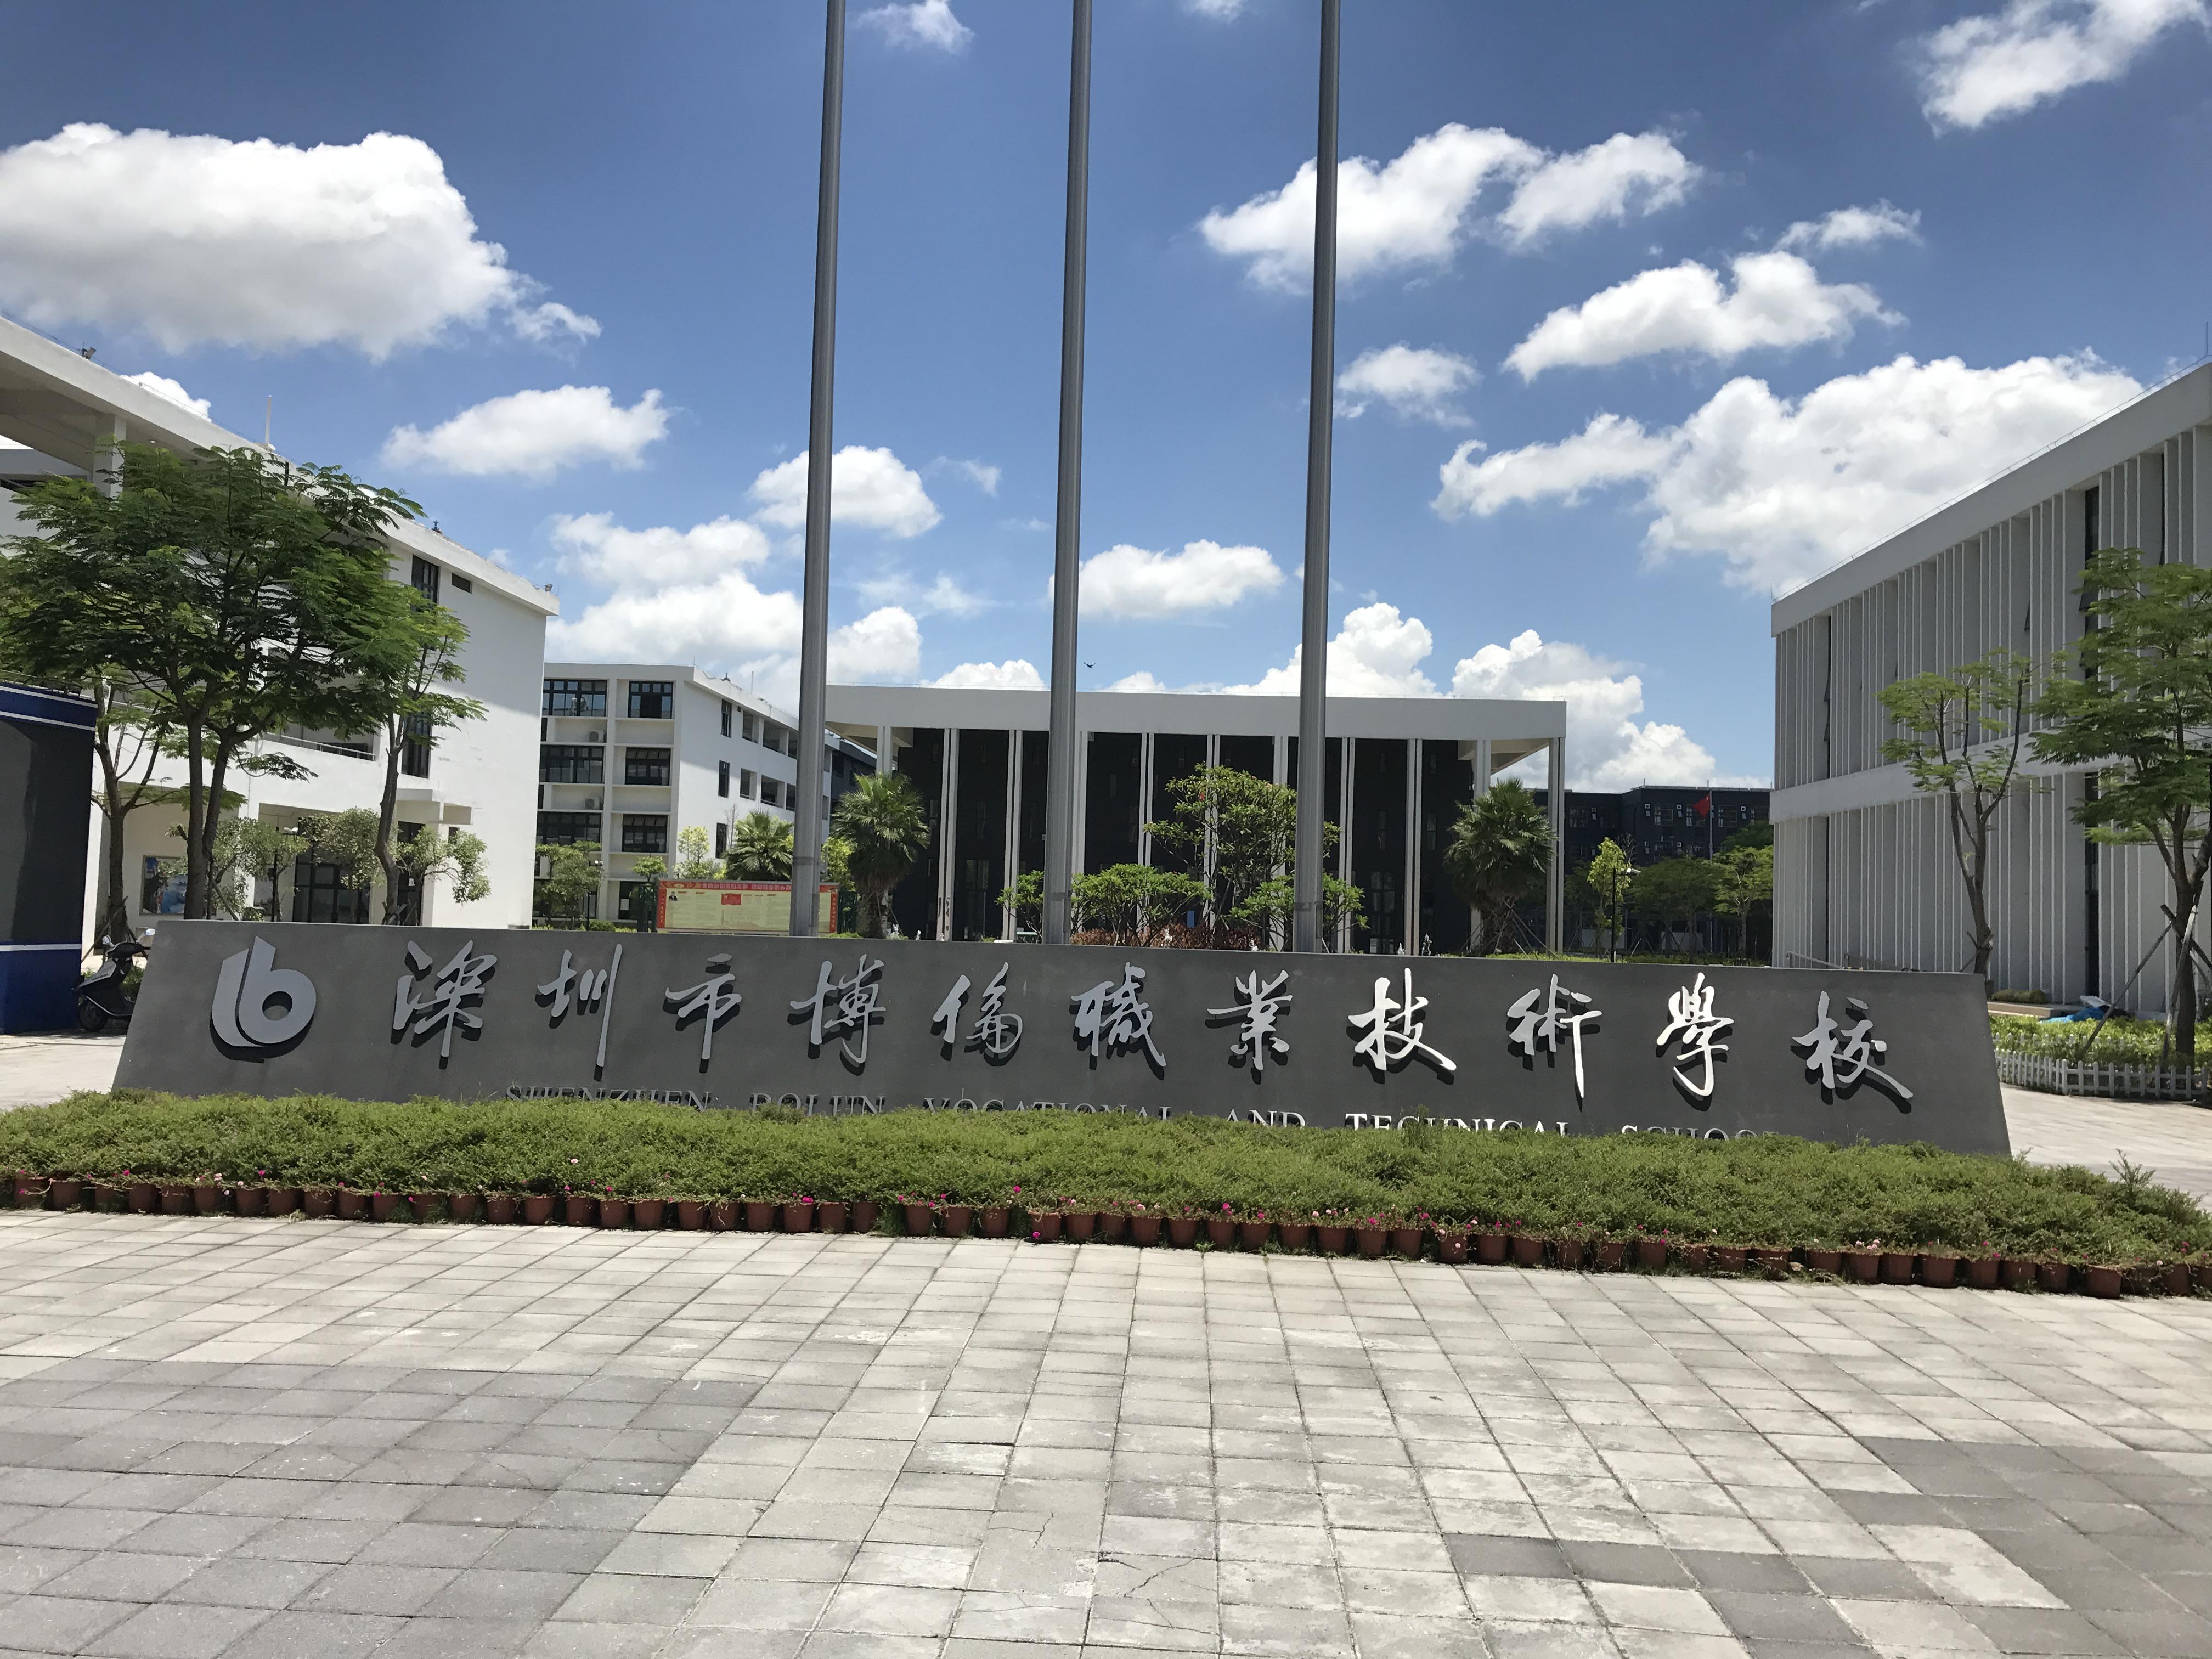 深圳市博伦职业技术学校校园绿化景观